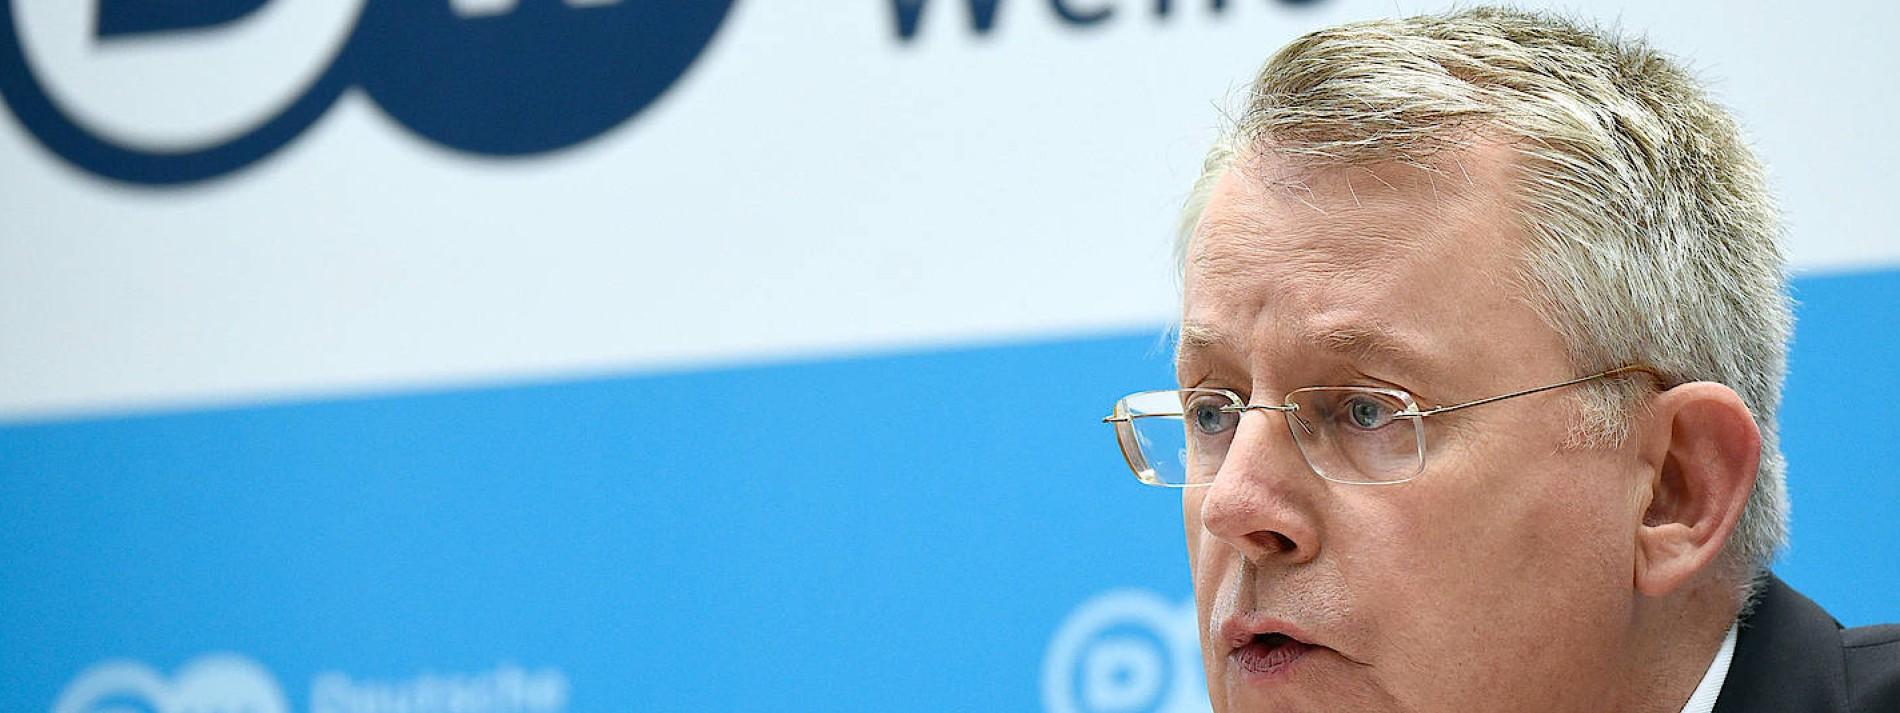 Deutsche Welle ehrt Journalisten in der Corona-Krise